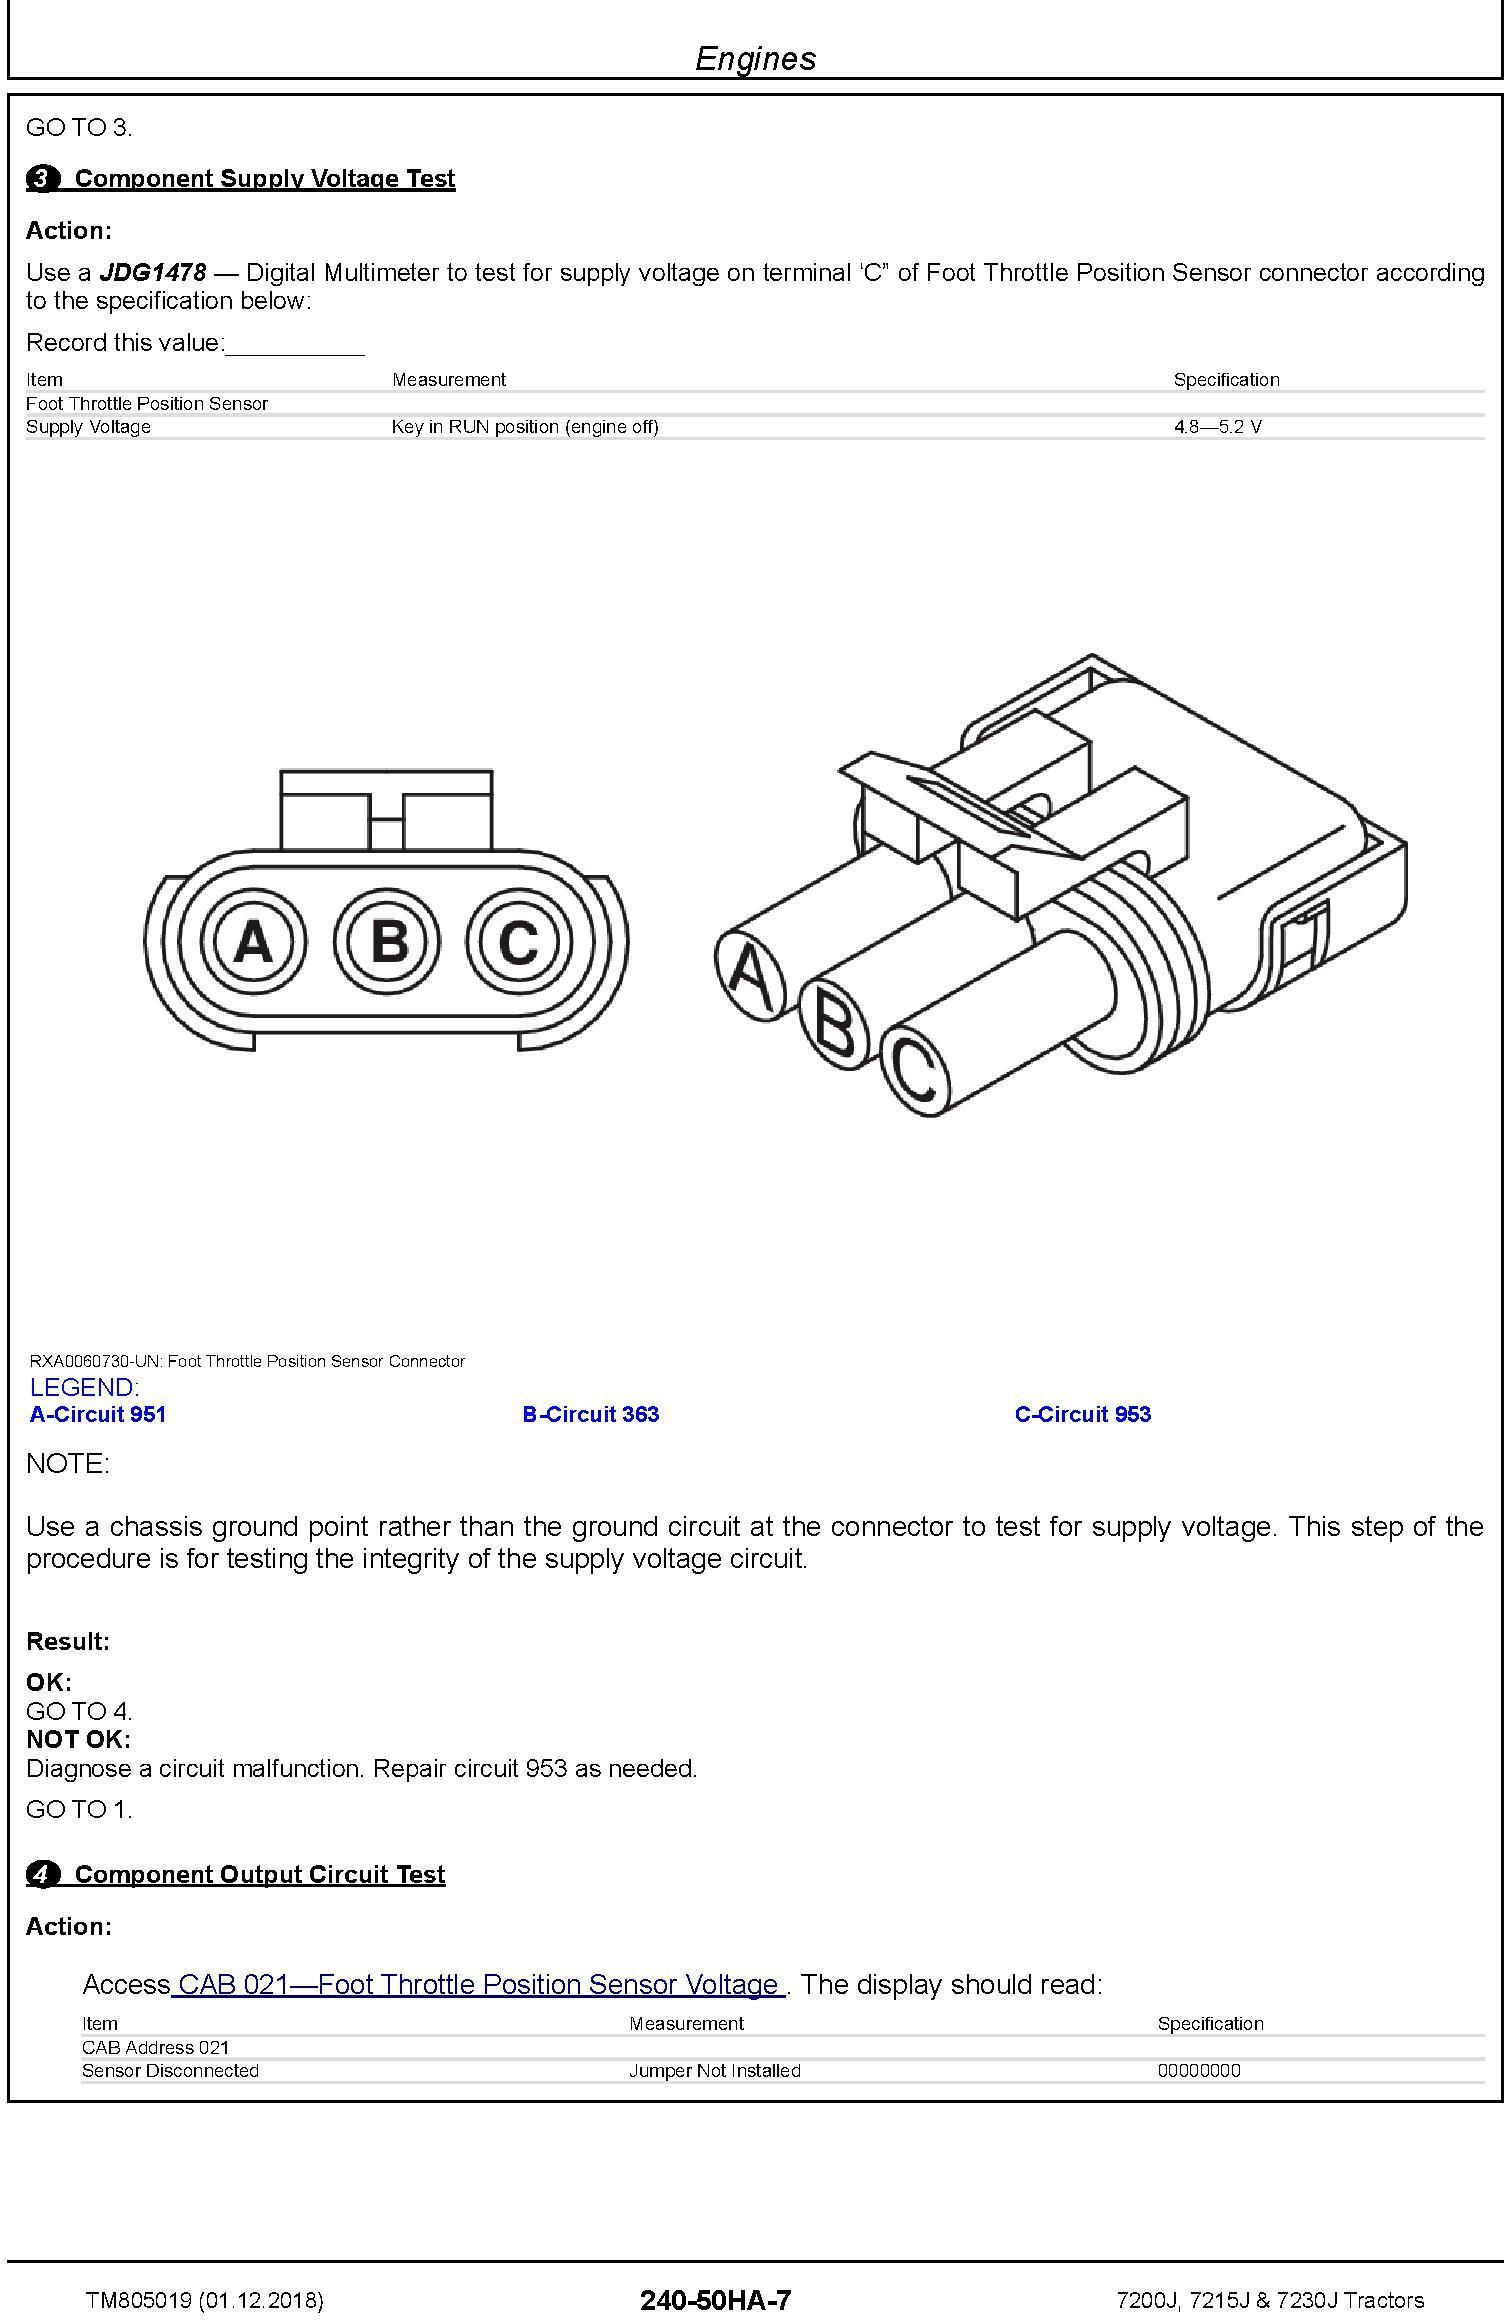 John Deere 7200J, 7215J and 7230J Tractors Diagnostic Technical Service Manual (TM805019) - 2